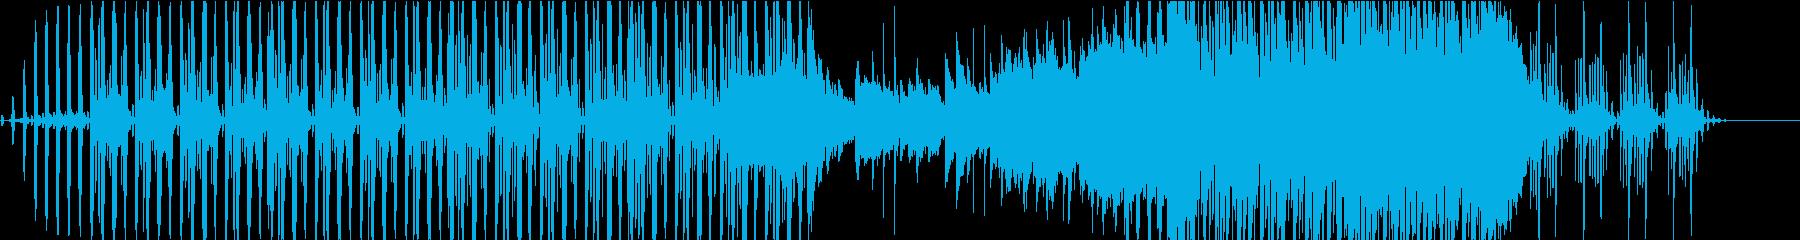 BGM,映像用。可愛く切ないテクノポップの再生済みの波形